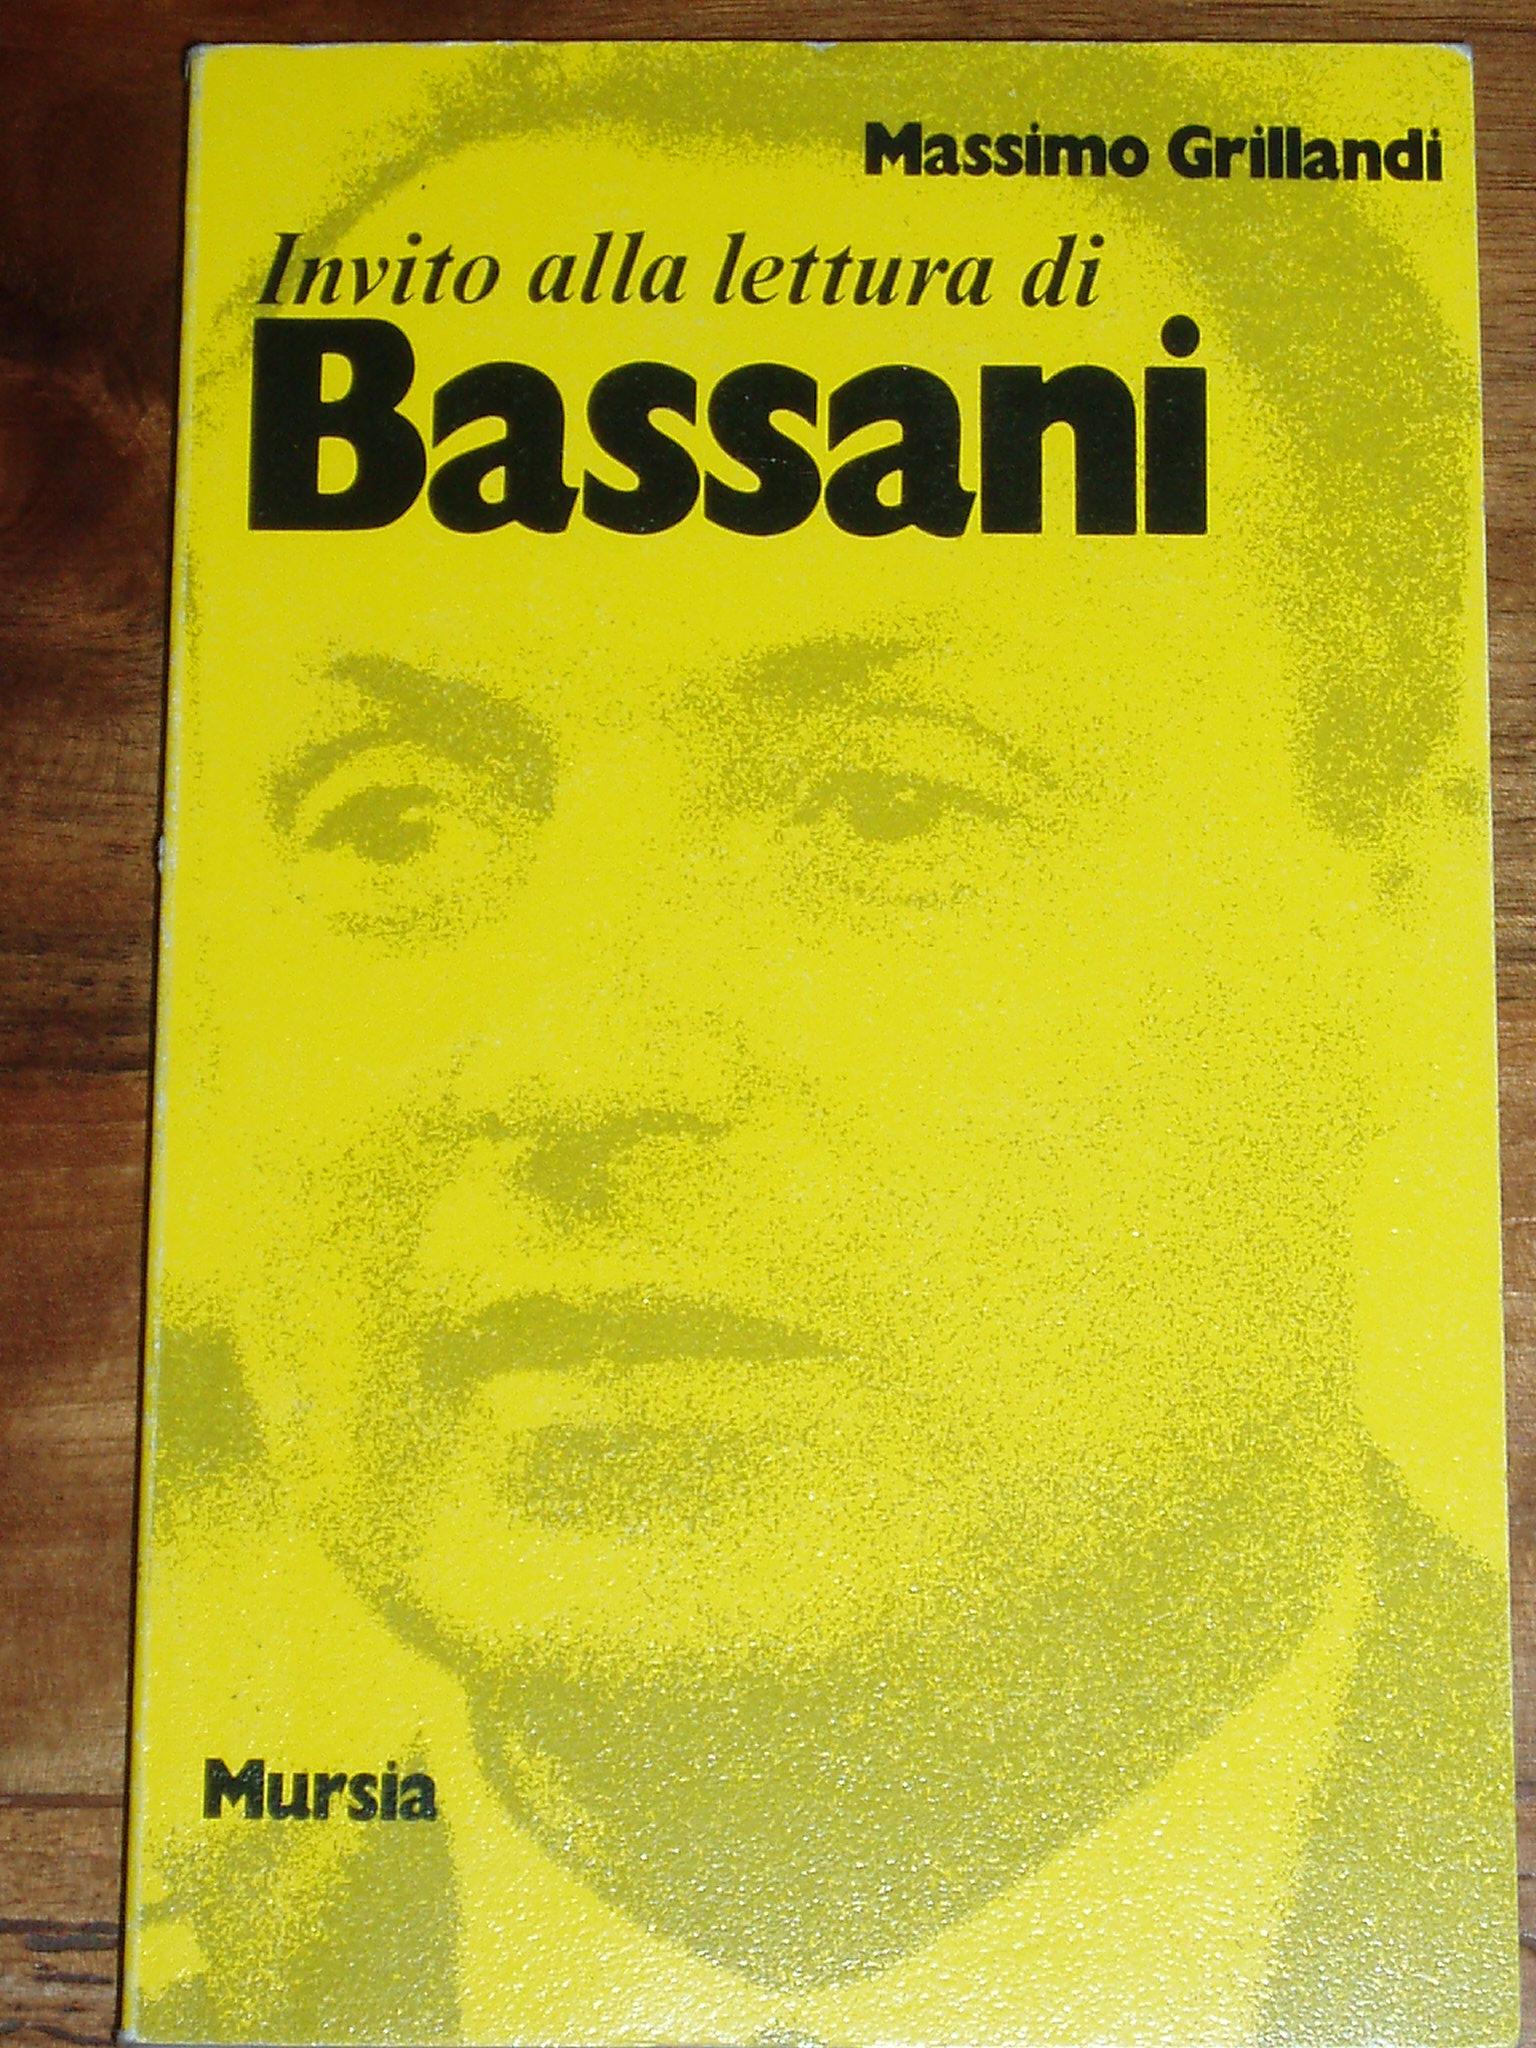 Invito alla lettura di Giorgio Bassani